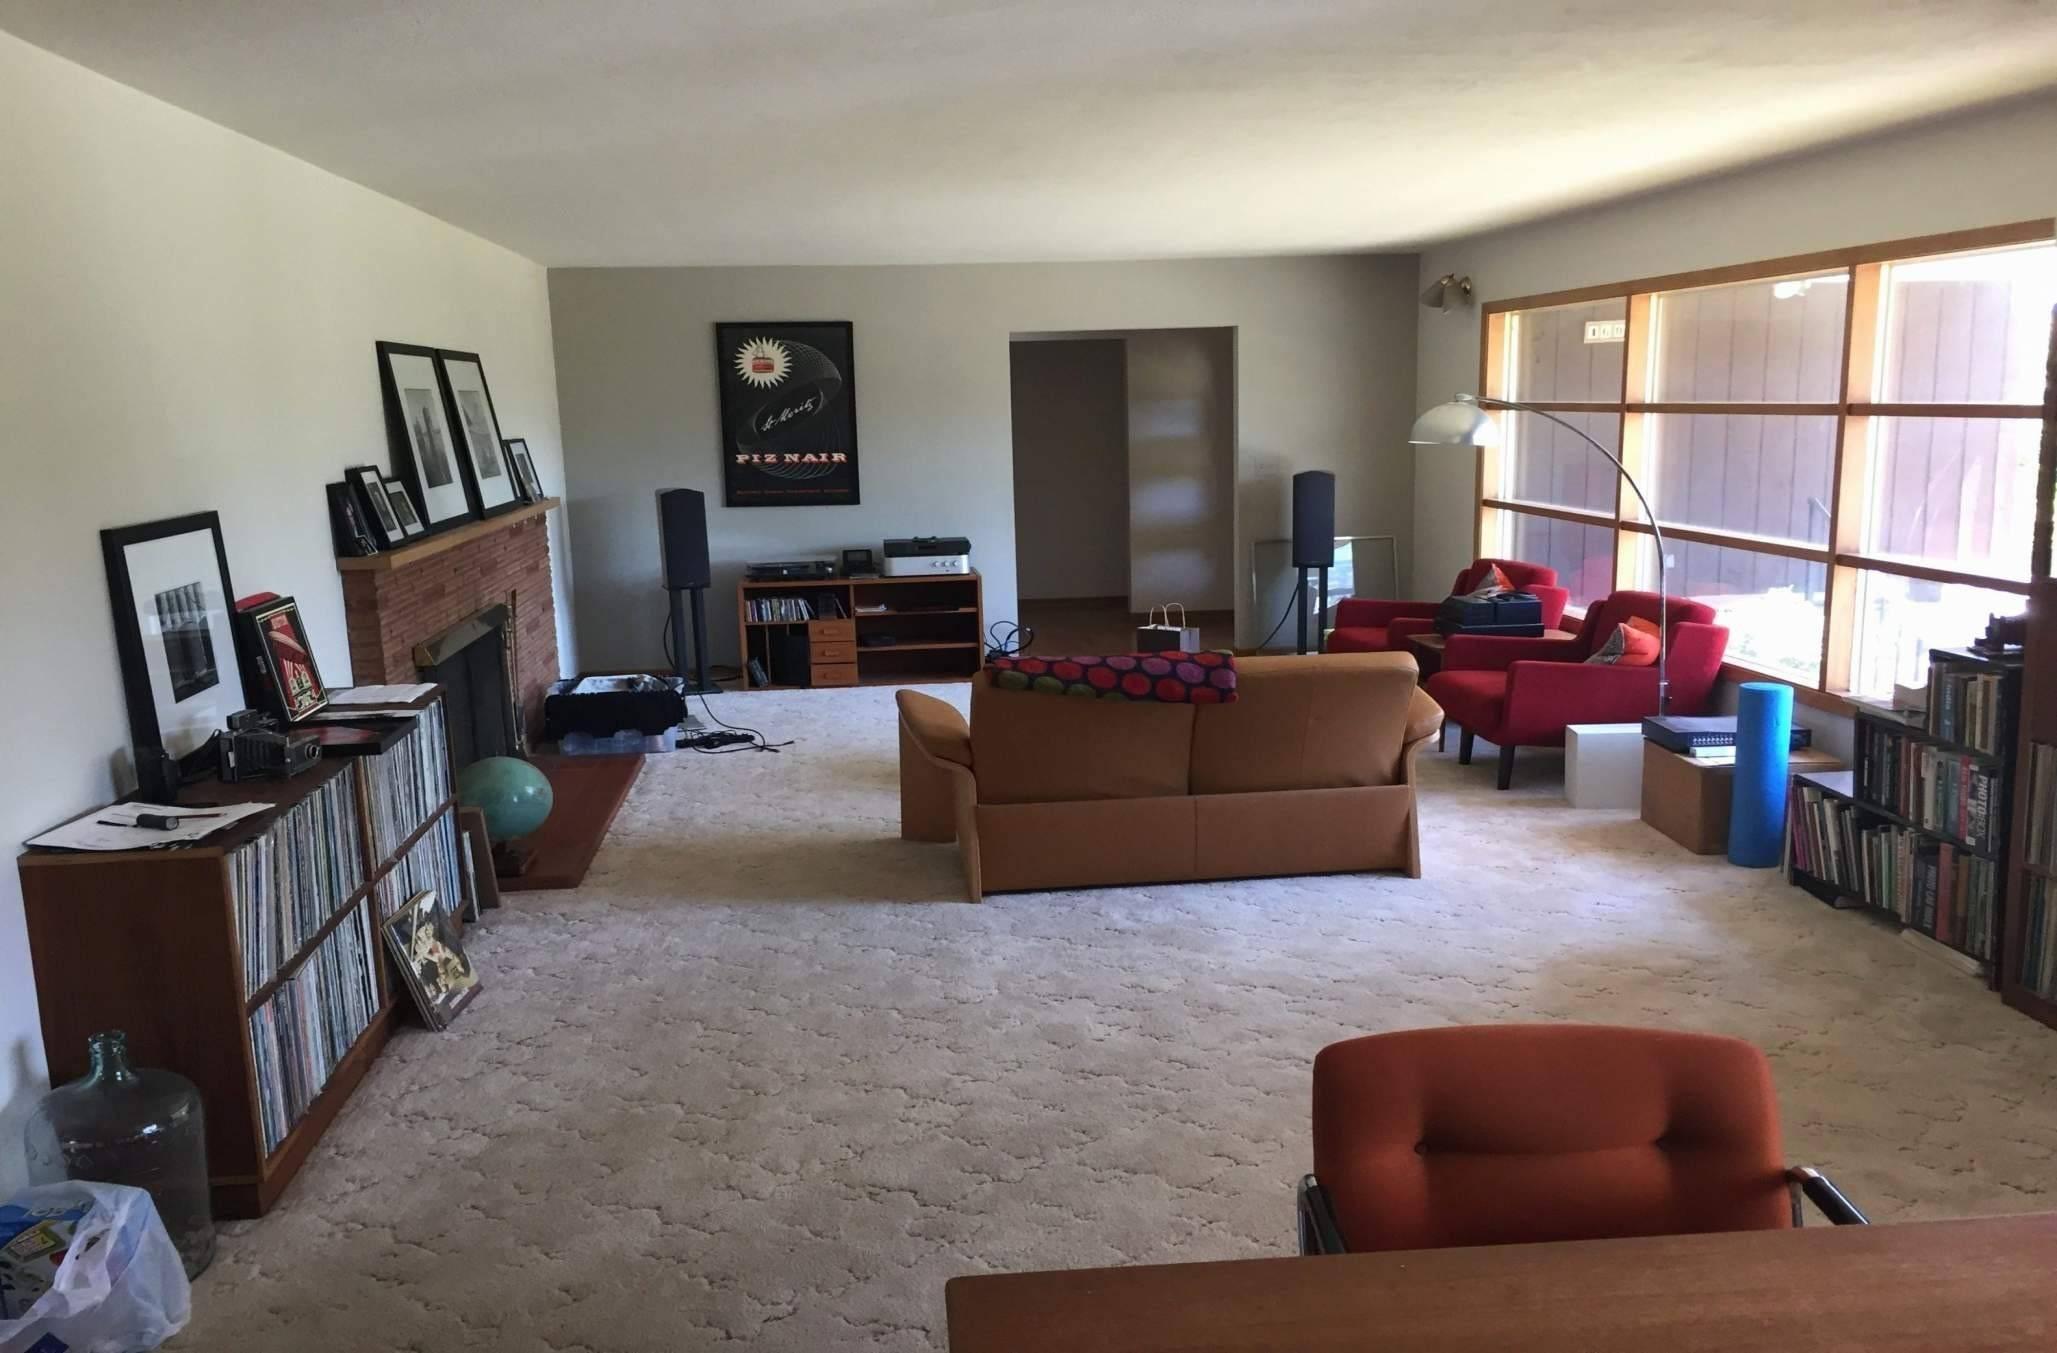 sunroom under deck popular chic master bedroom closet ideas and y wardrobe small bedroom i 0d of sunroom under deck